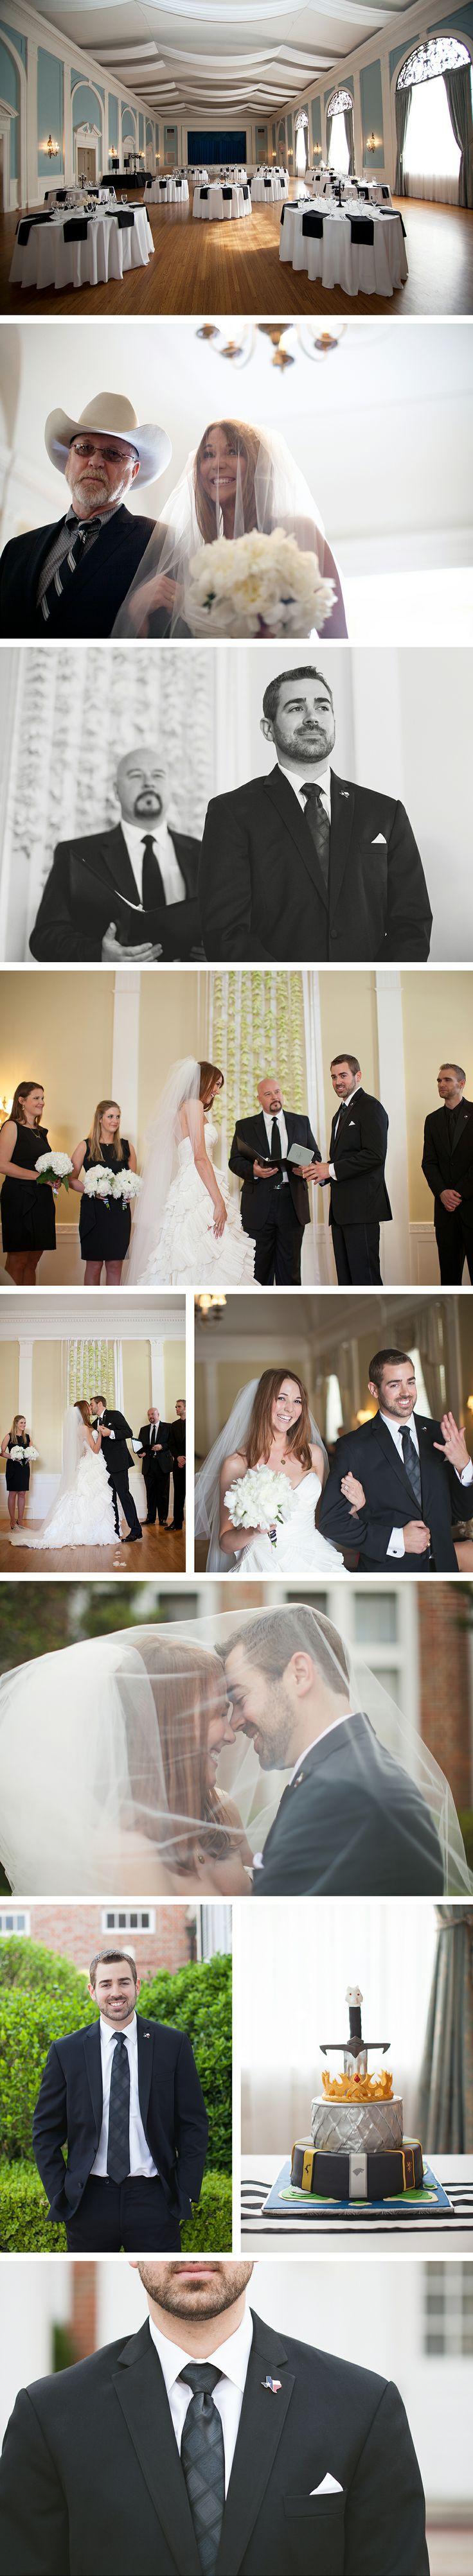 Texas Federation of Women's Club Mansion Wedding:  Austin, Texas